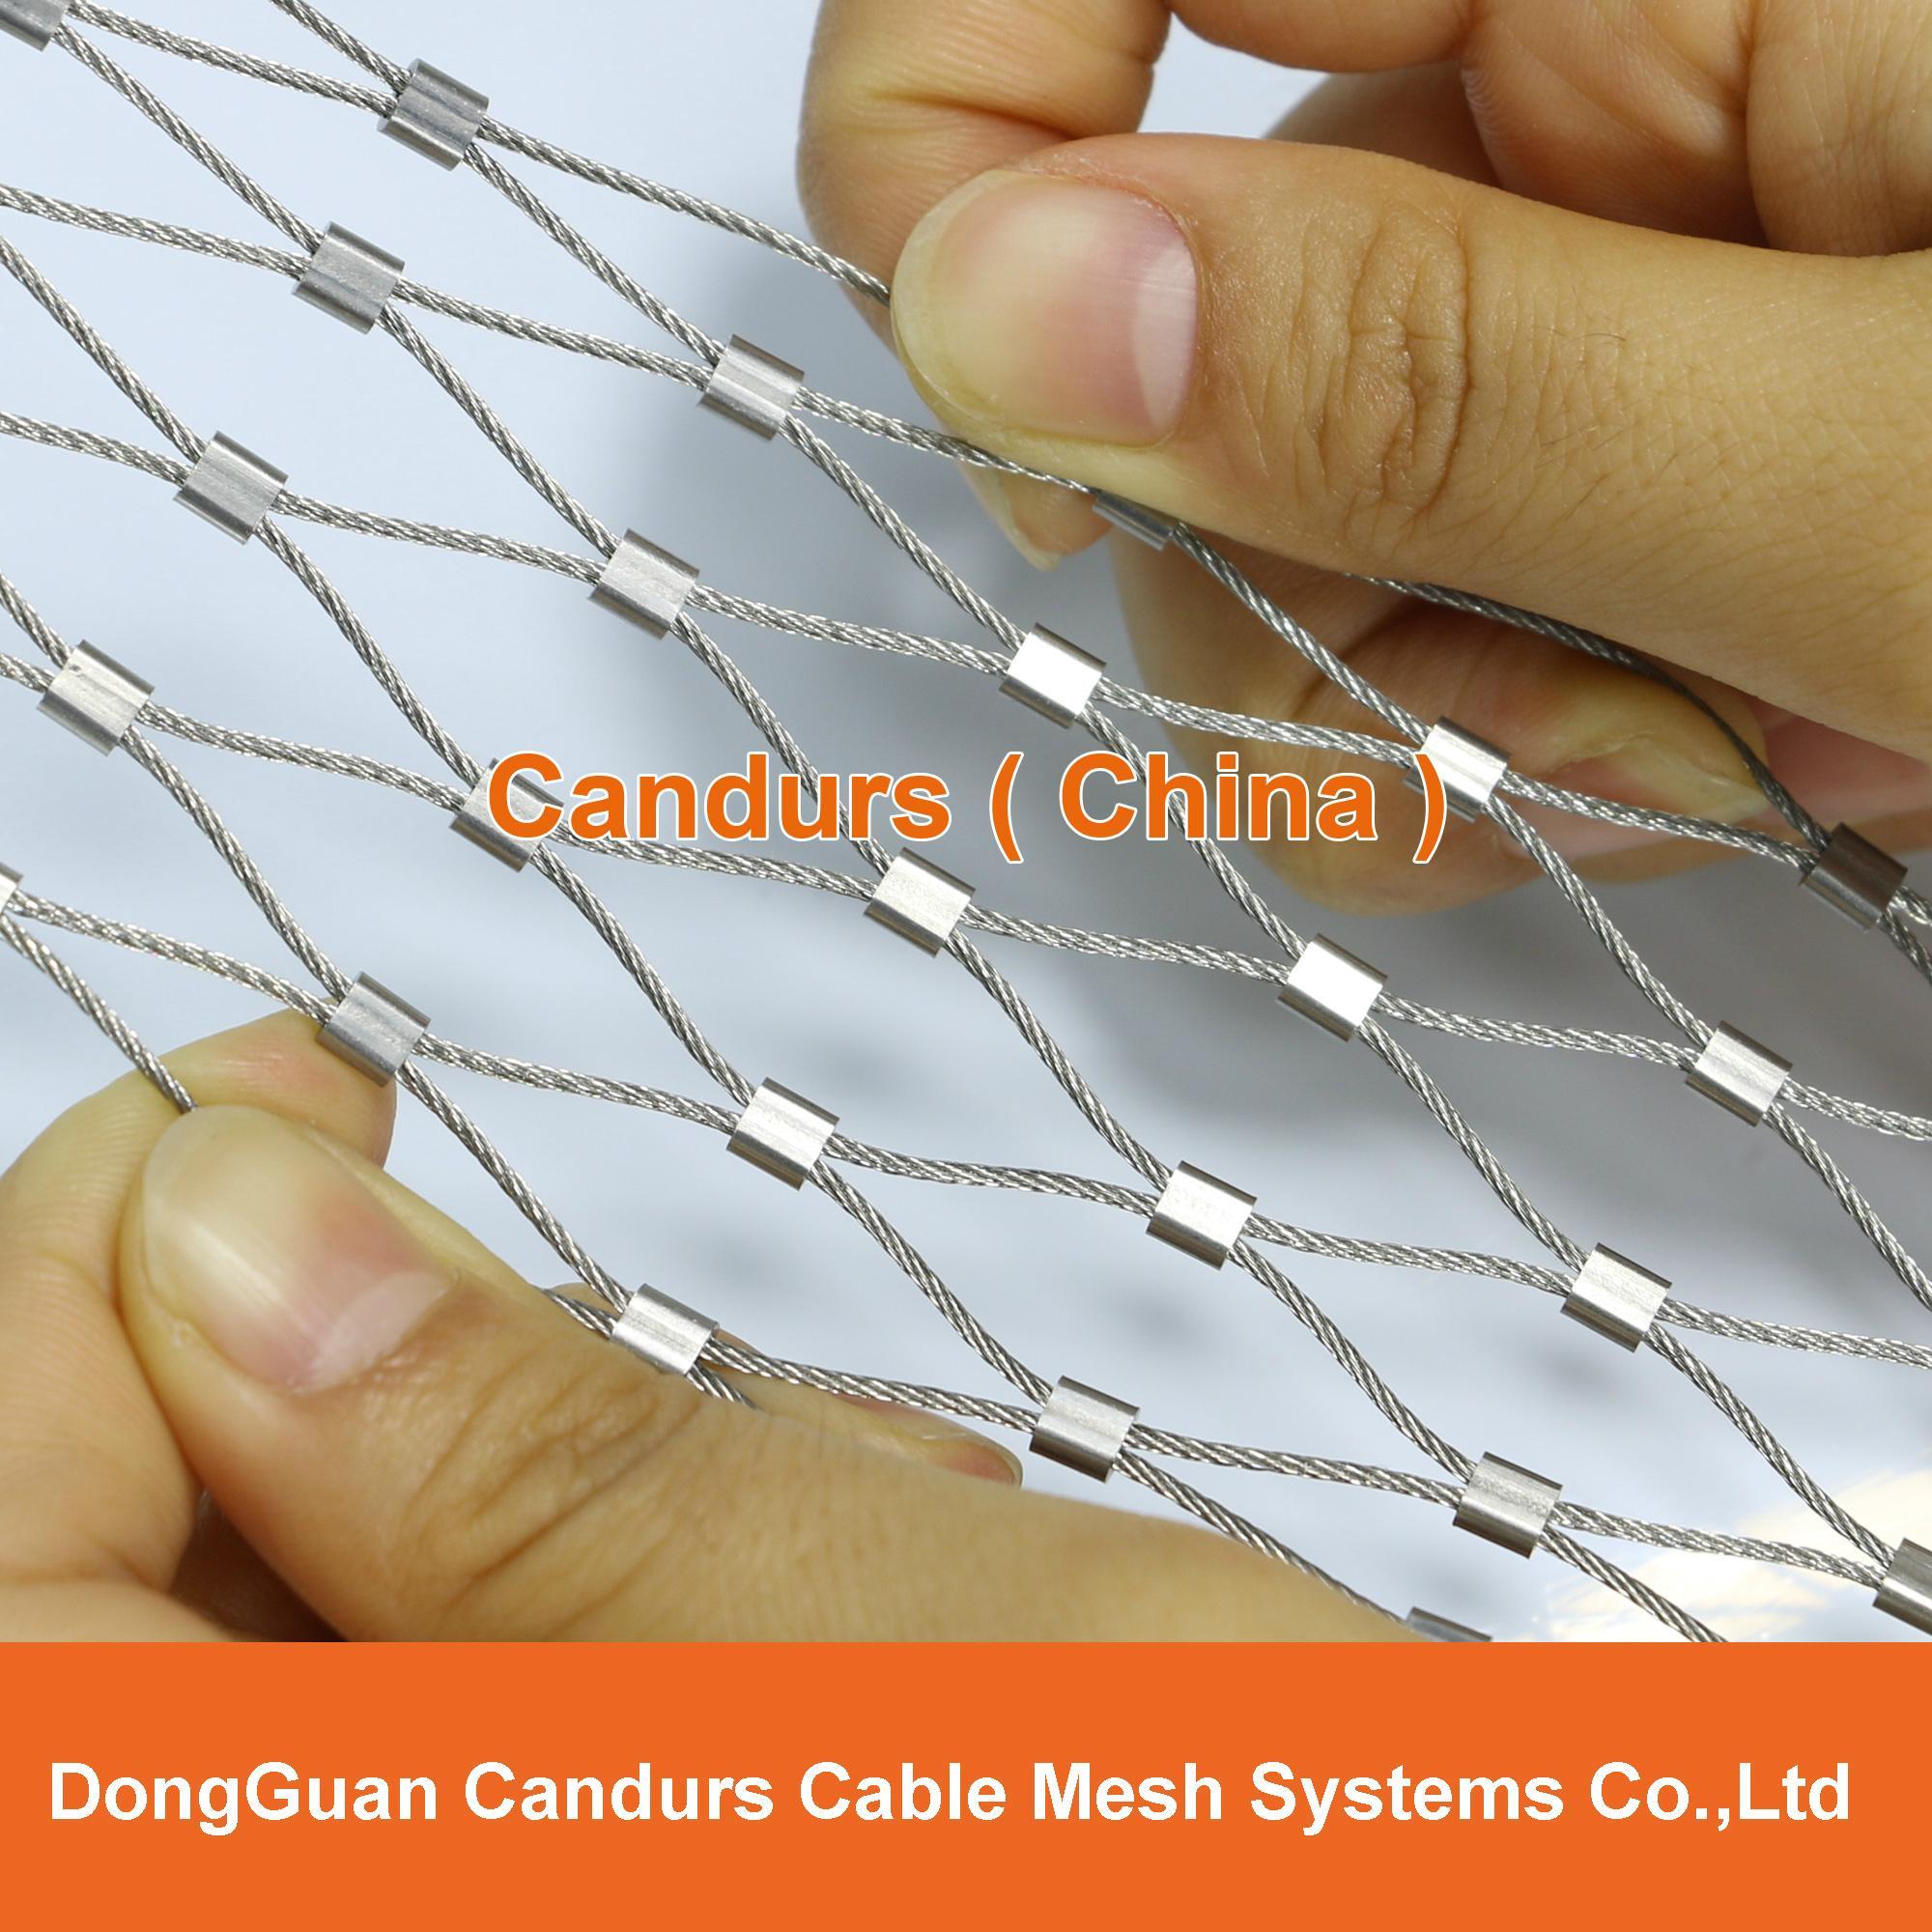 不鏽鋼絲繩網動物扣網 8